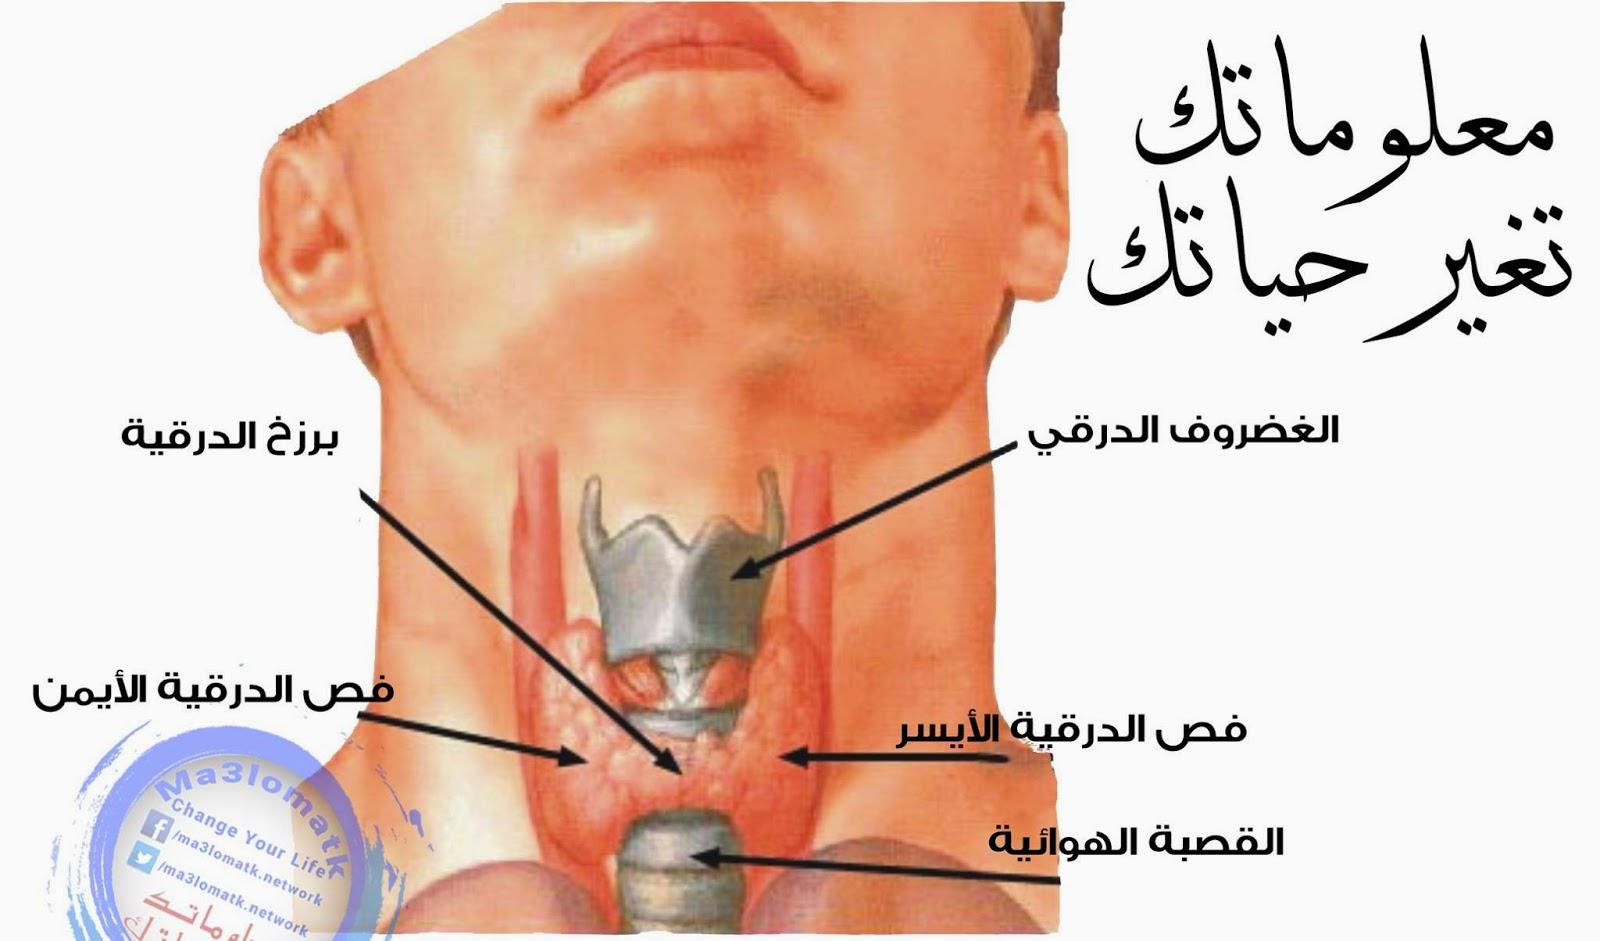 بالصور مرض الغدة الدرقية , اعراض الغدة الدرقية 3226 1